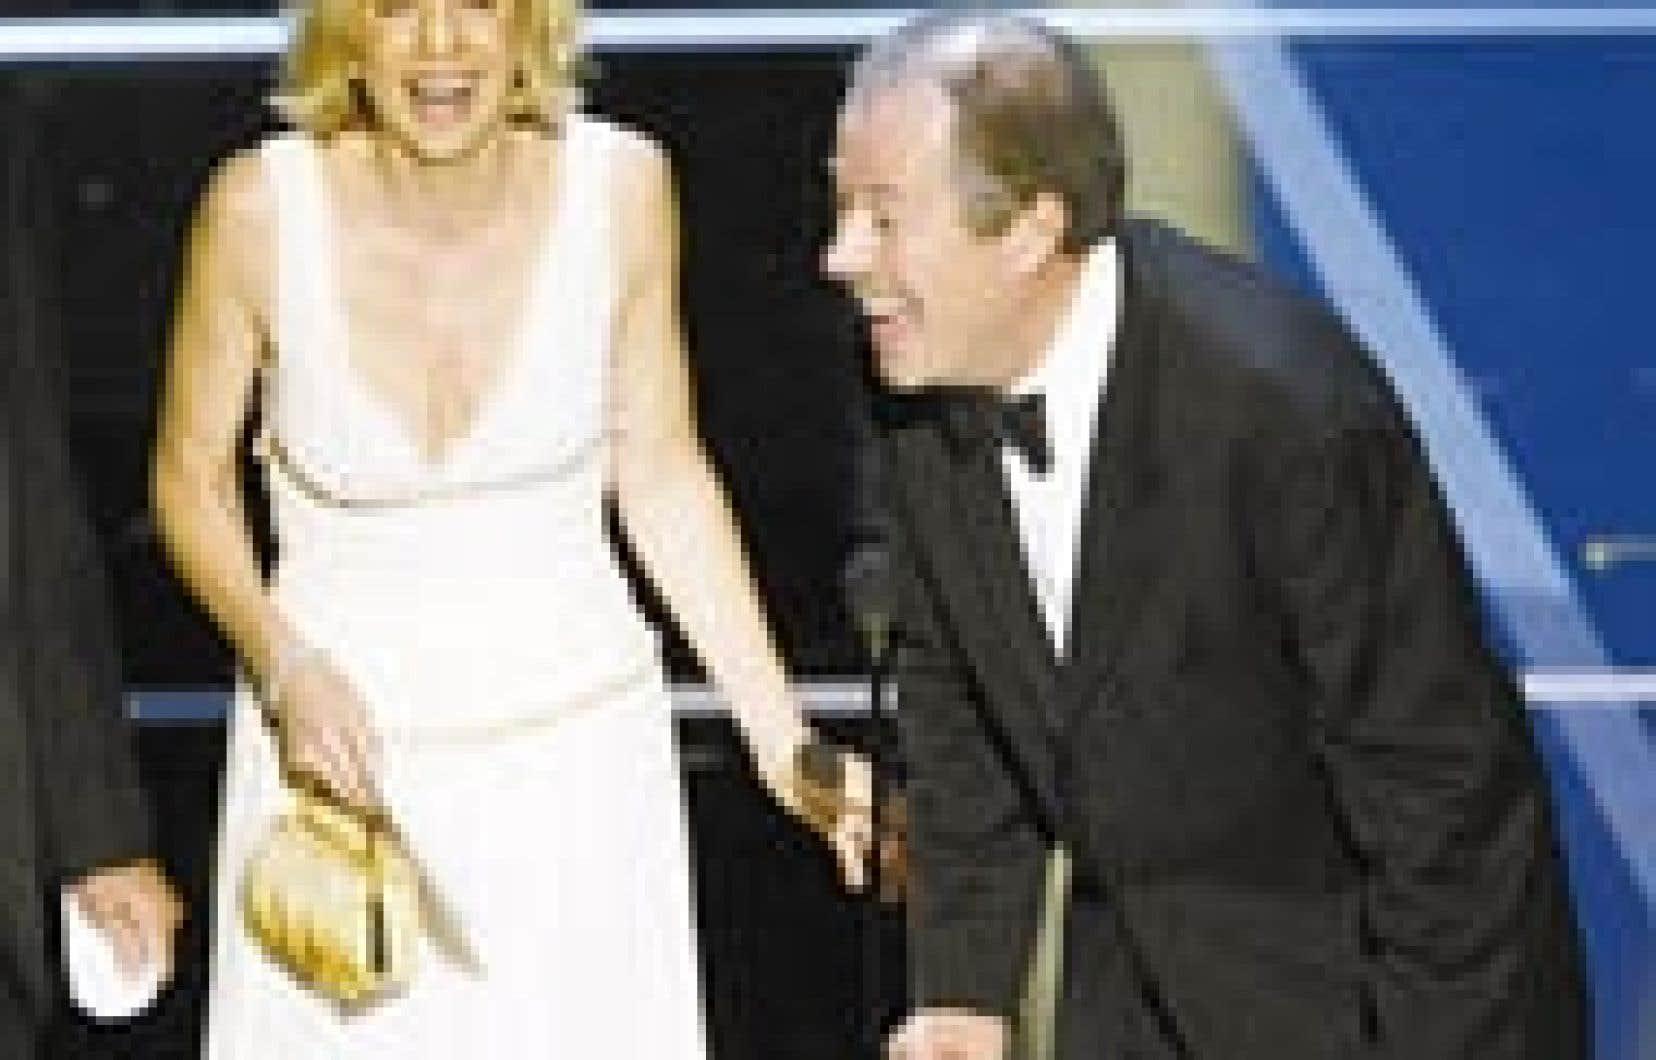 Denise Robert et son com-pagnon, Denys Arcand, ont reçu hier soir à Hollywood l'Oscar du meilleur film en langue étrangère.